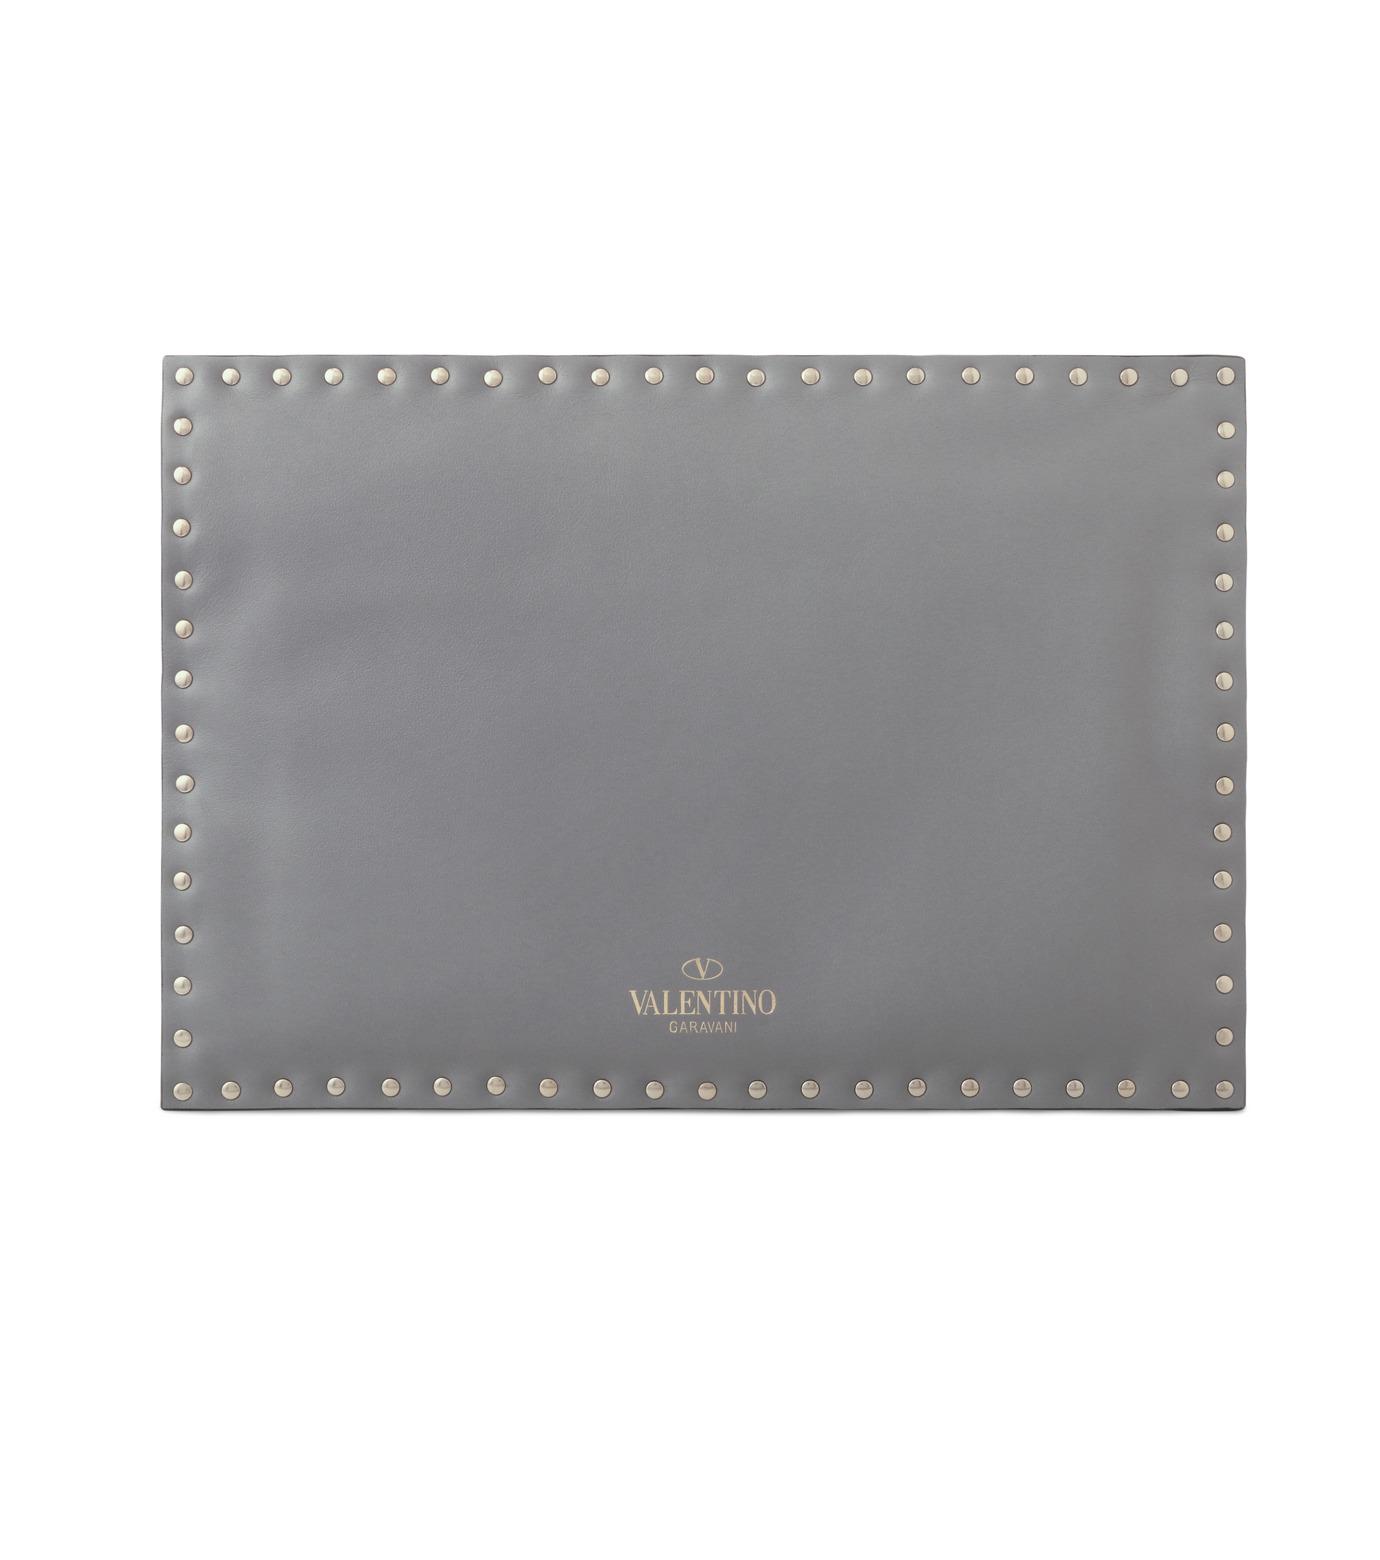 VALENTINO GARAVANI(ヴァレンティノ ガラヴァーニ)のRockstuds Envelop Clutch-GRAY(クラッチバッグ/clutch bag)-LW2B0100BOL-11 拡大詳細画像3